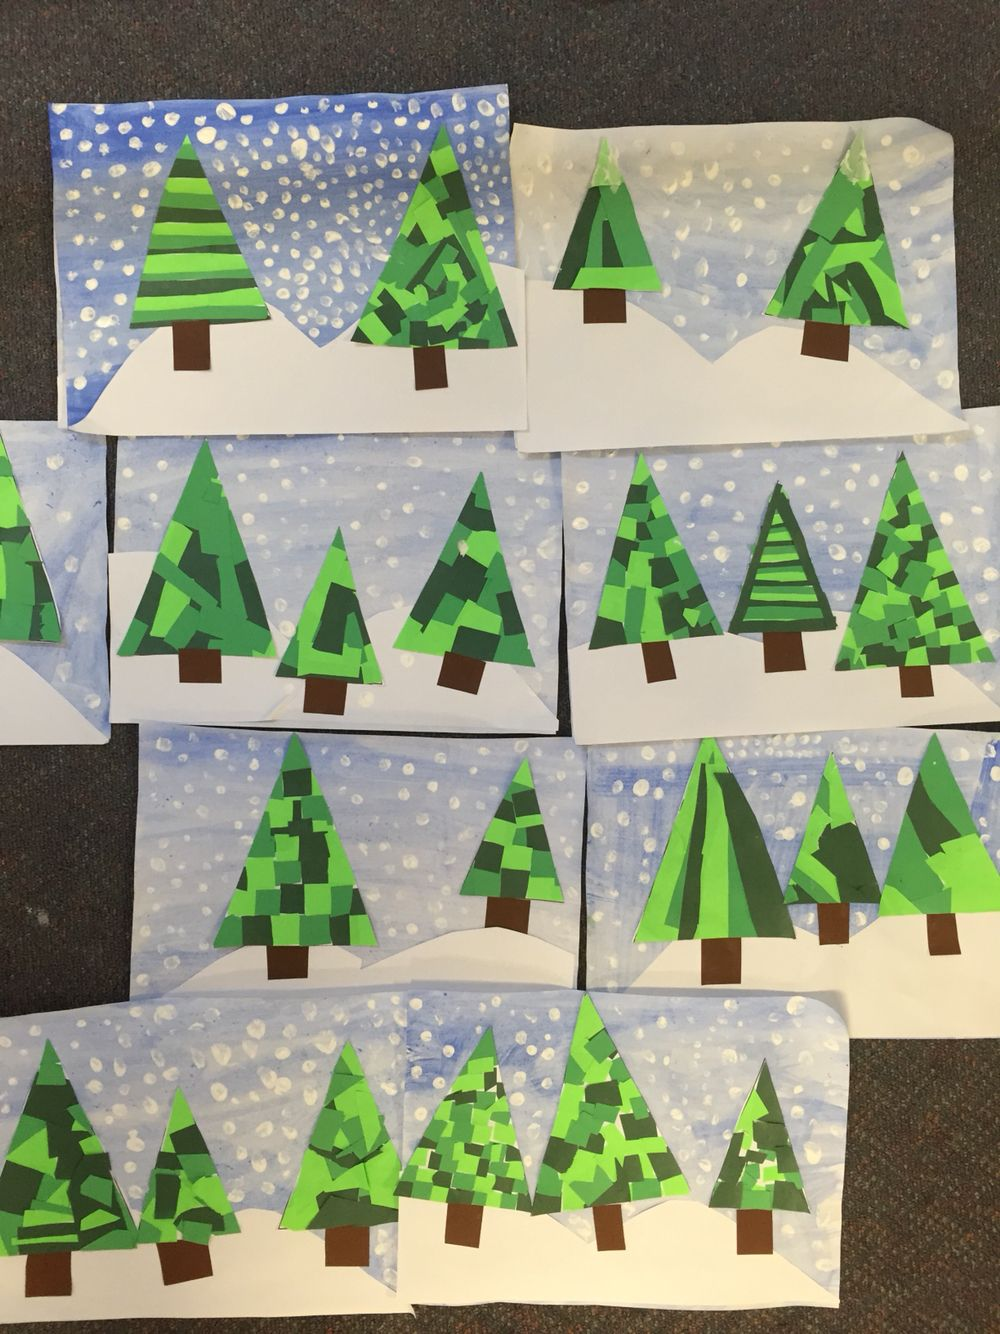 winterlandschaft kalender basteln weihnachten winter. Black Bedroom Furniture Sets. Home Design Ideas